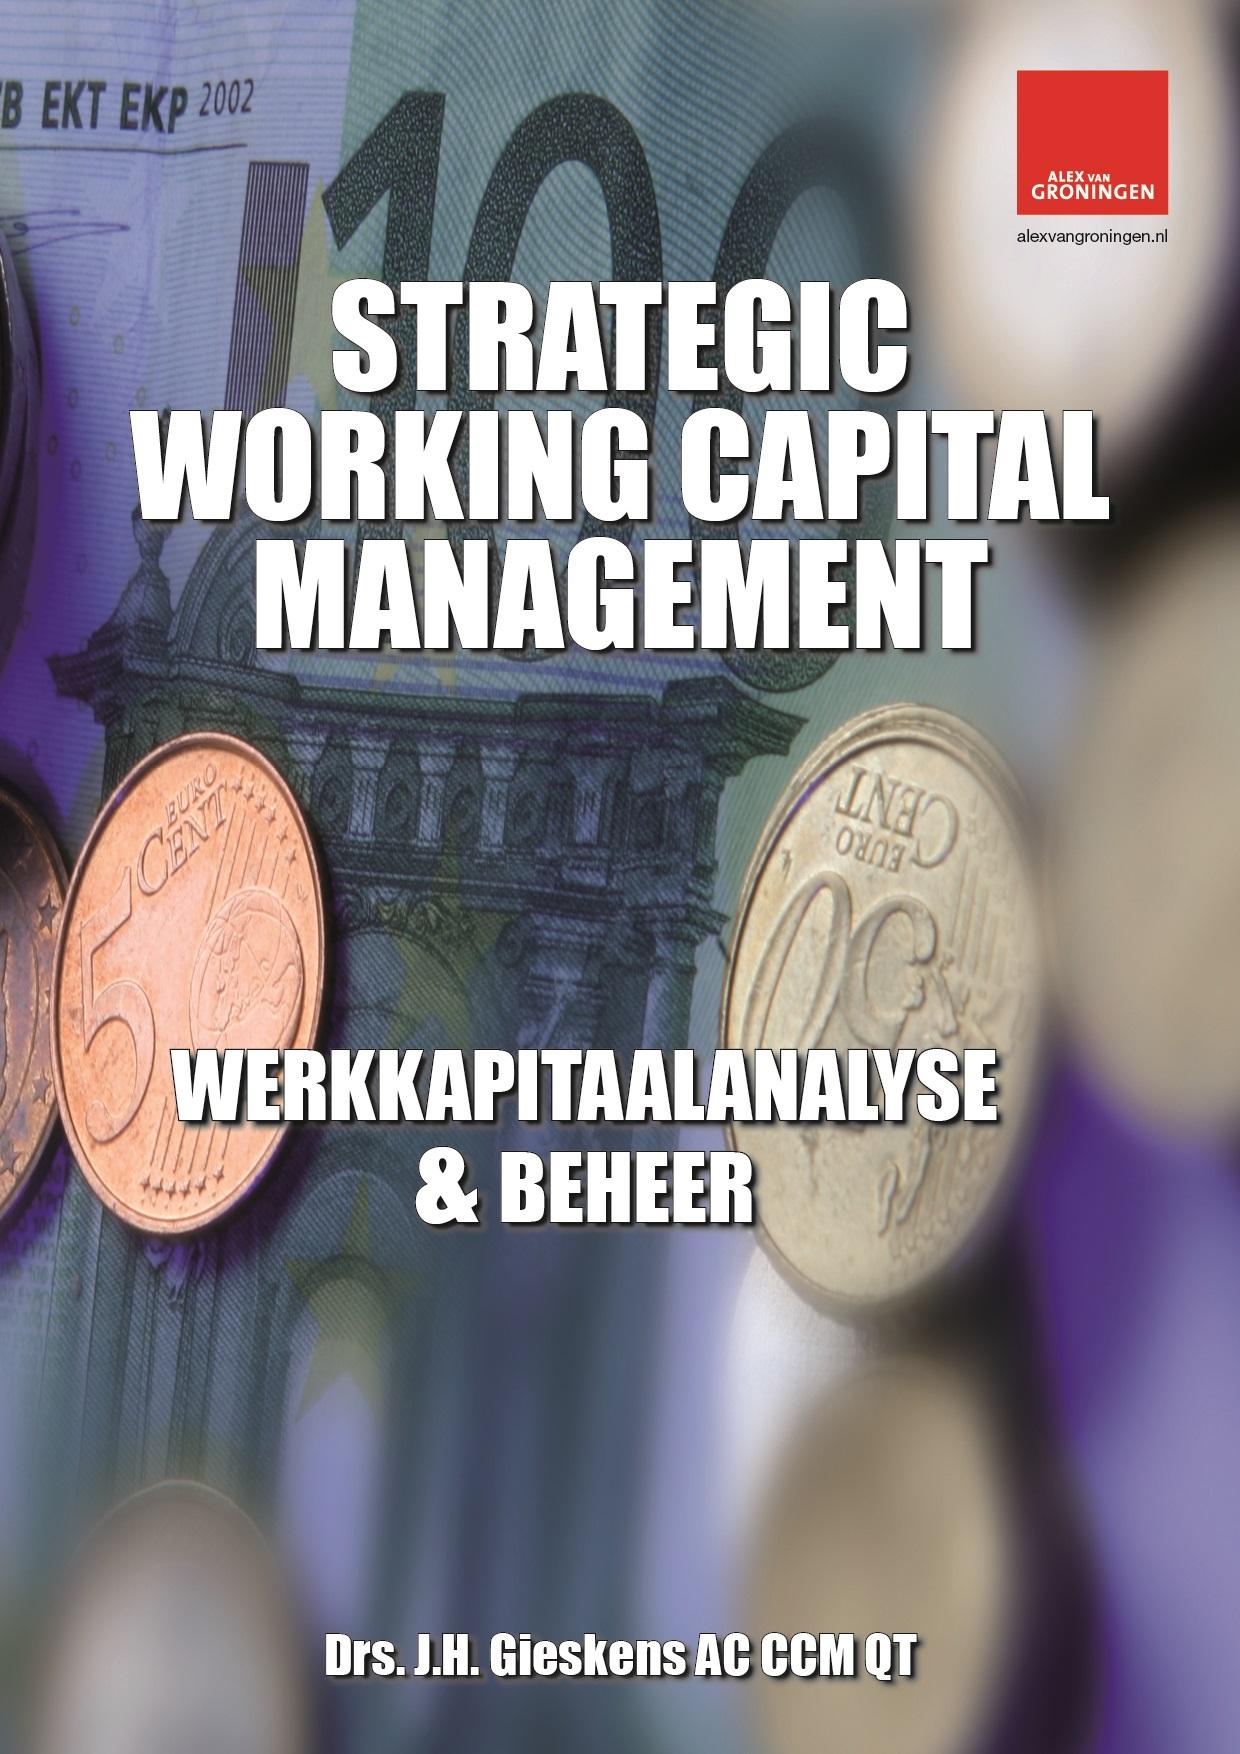 Werkkapitaalbeheer